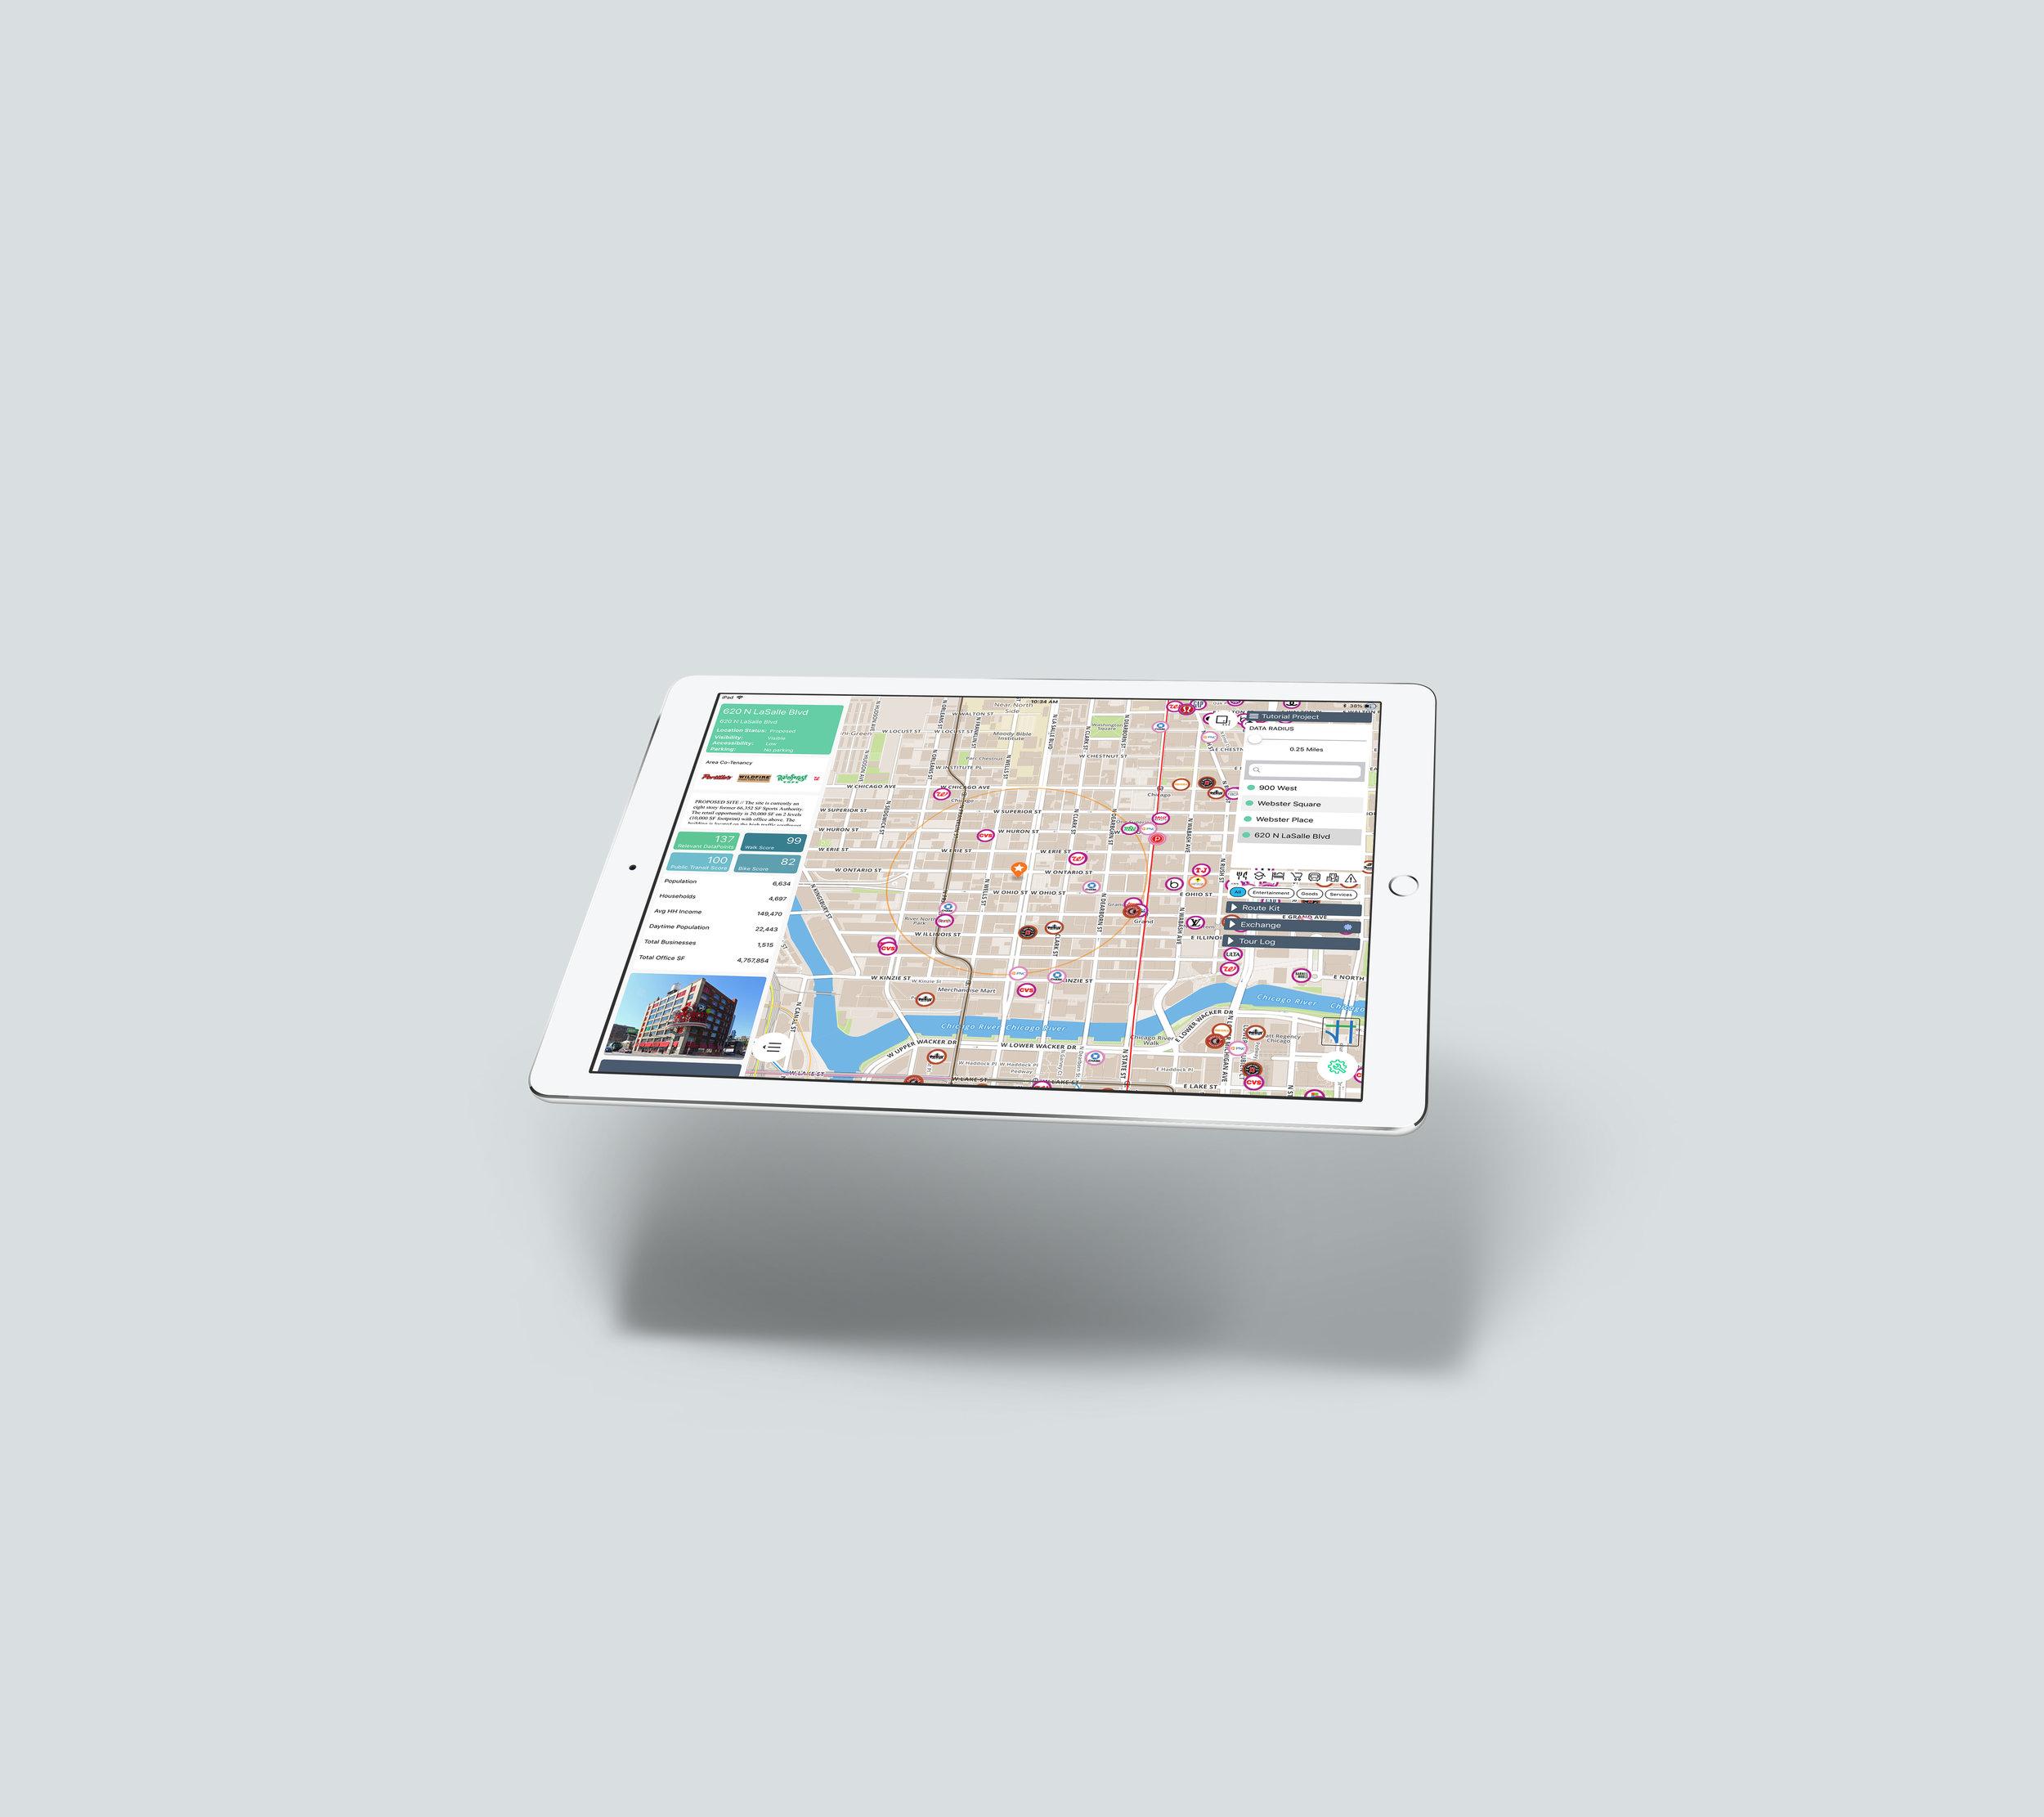 001-iPad-map.jpg